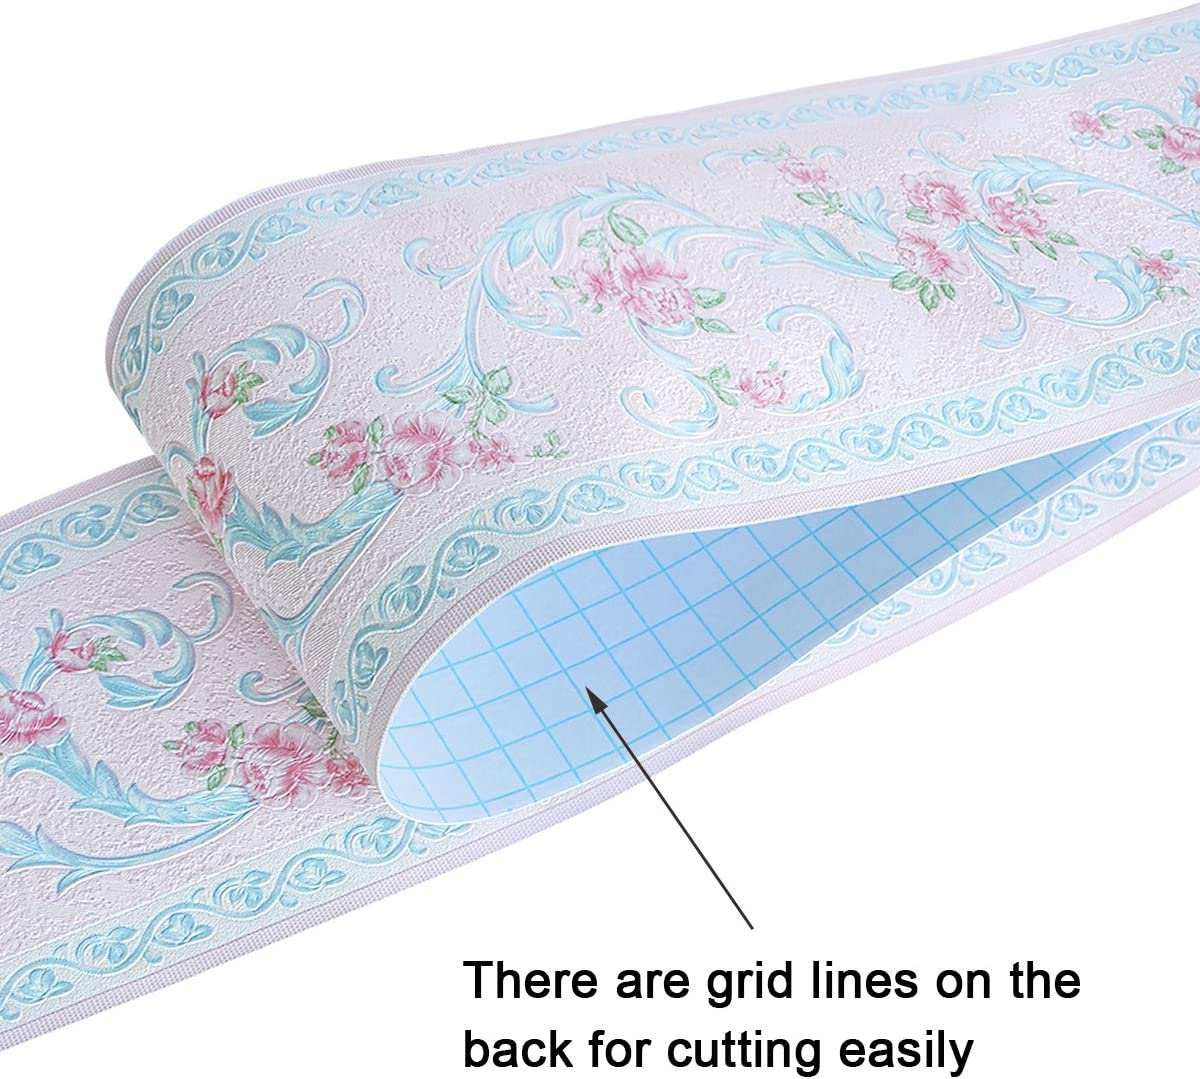 Uoisaiko PVC Gelb Tapete Bord/üre K/üche Wandbord/üre Selbstklebend Tapetenbord/üre 10CM x 10M Wandbord/üre Sch/älen und Stock Bord/üren f/ür Wohnzimmer Schlafzimmer